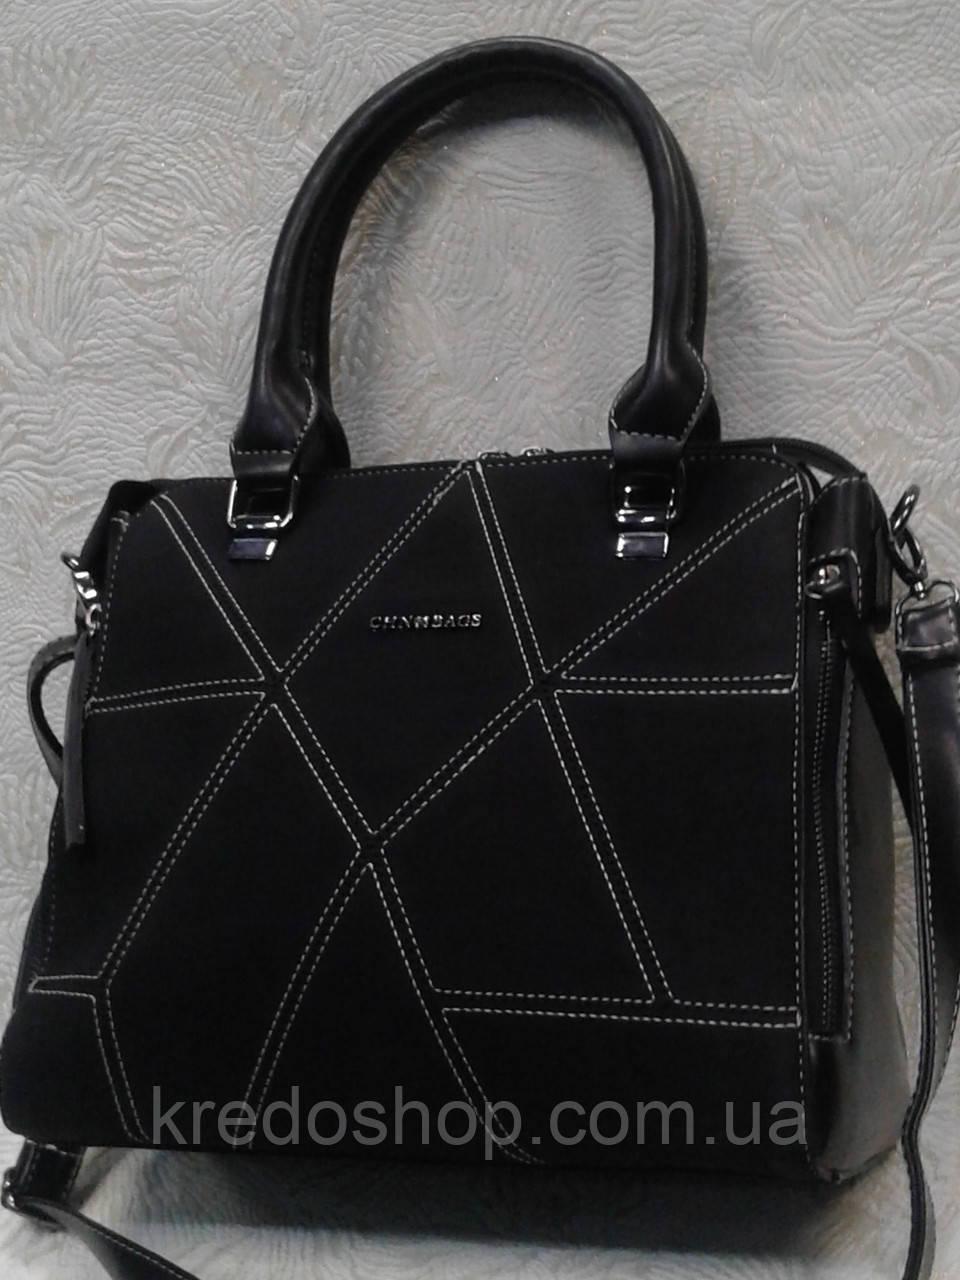 3666981fd8e0 Женская сумка черная красивая стильная (Турция) - Интернет-магазин сумок и  аксессуаров